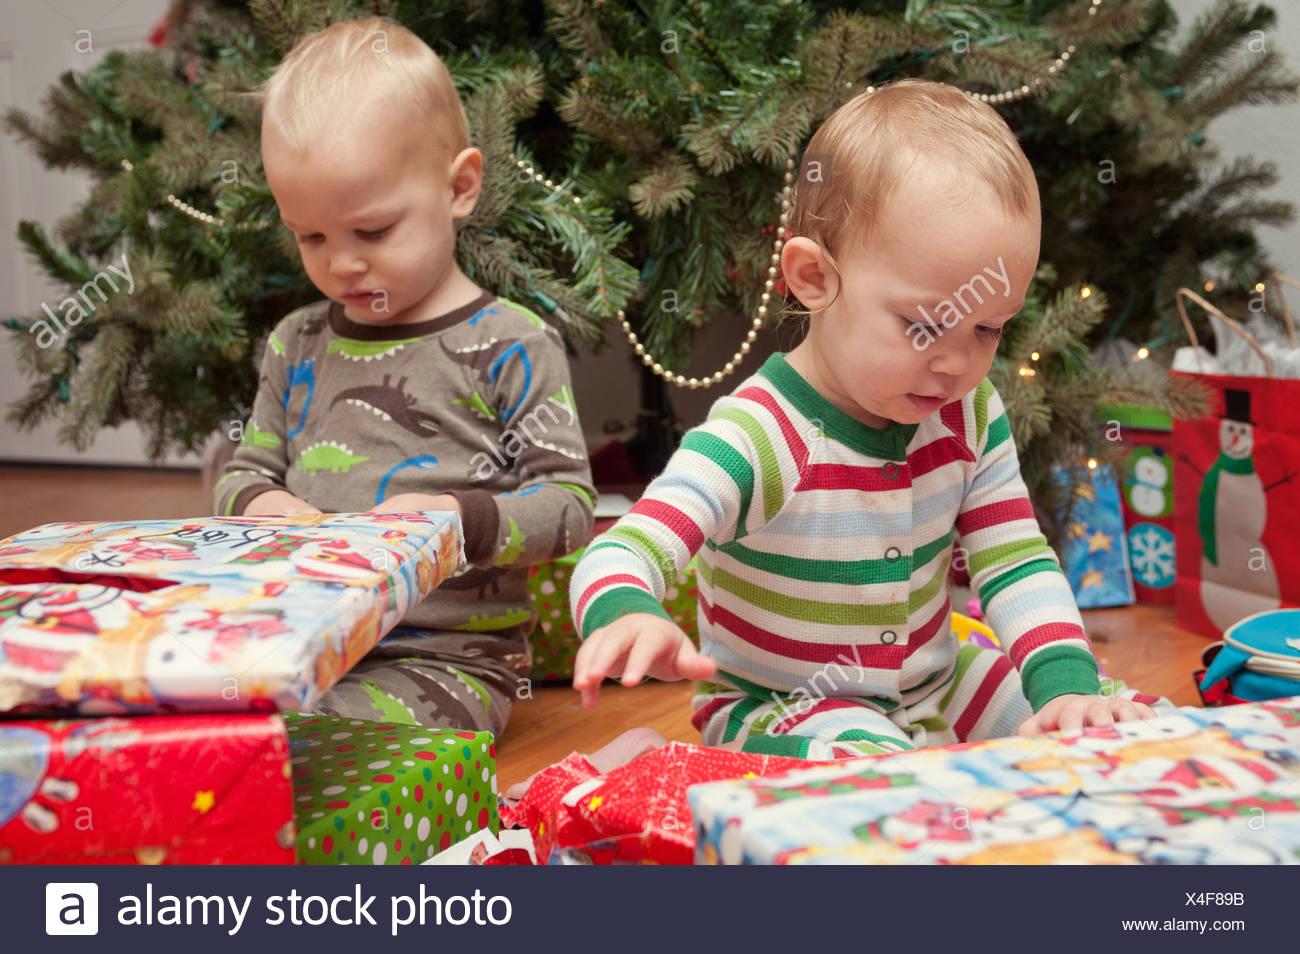 Regali Di Natale Fratello.Fratello E Sorella E Guardando I Regali Di Natale Foto Immagine